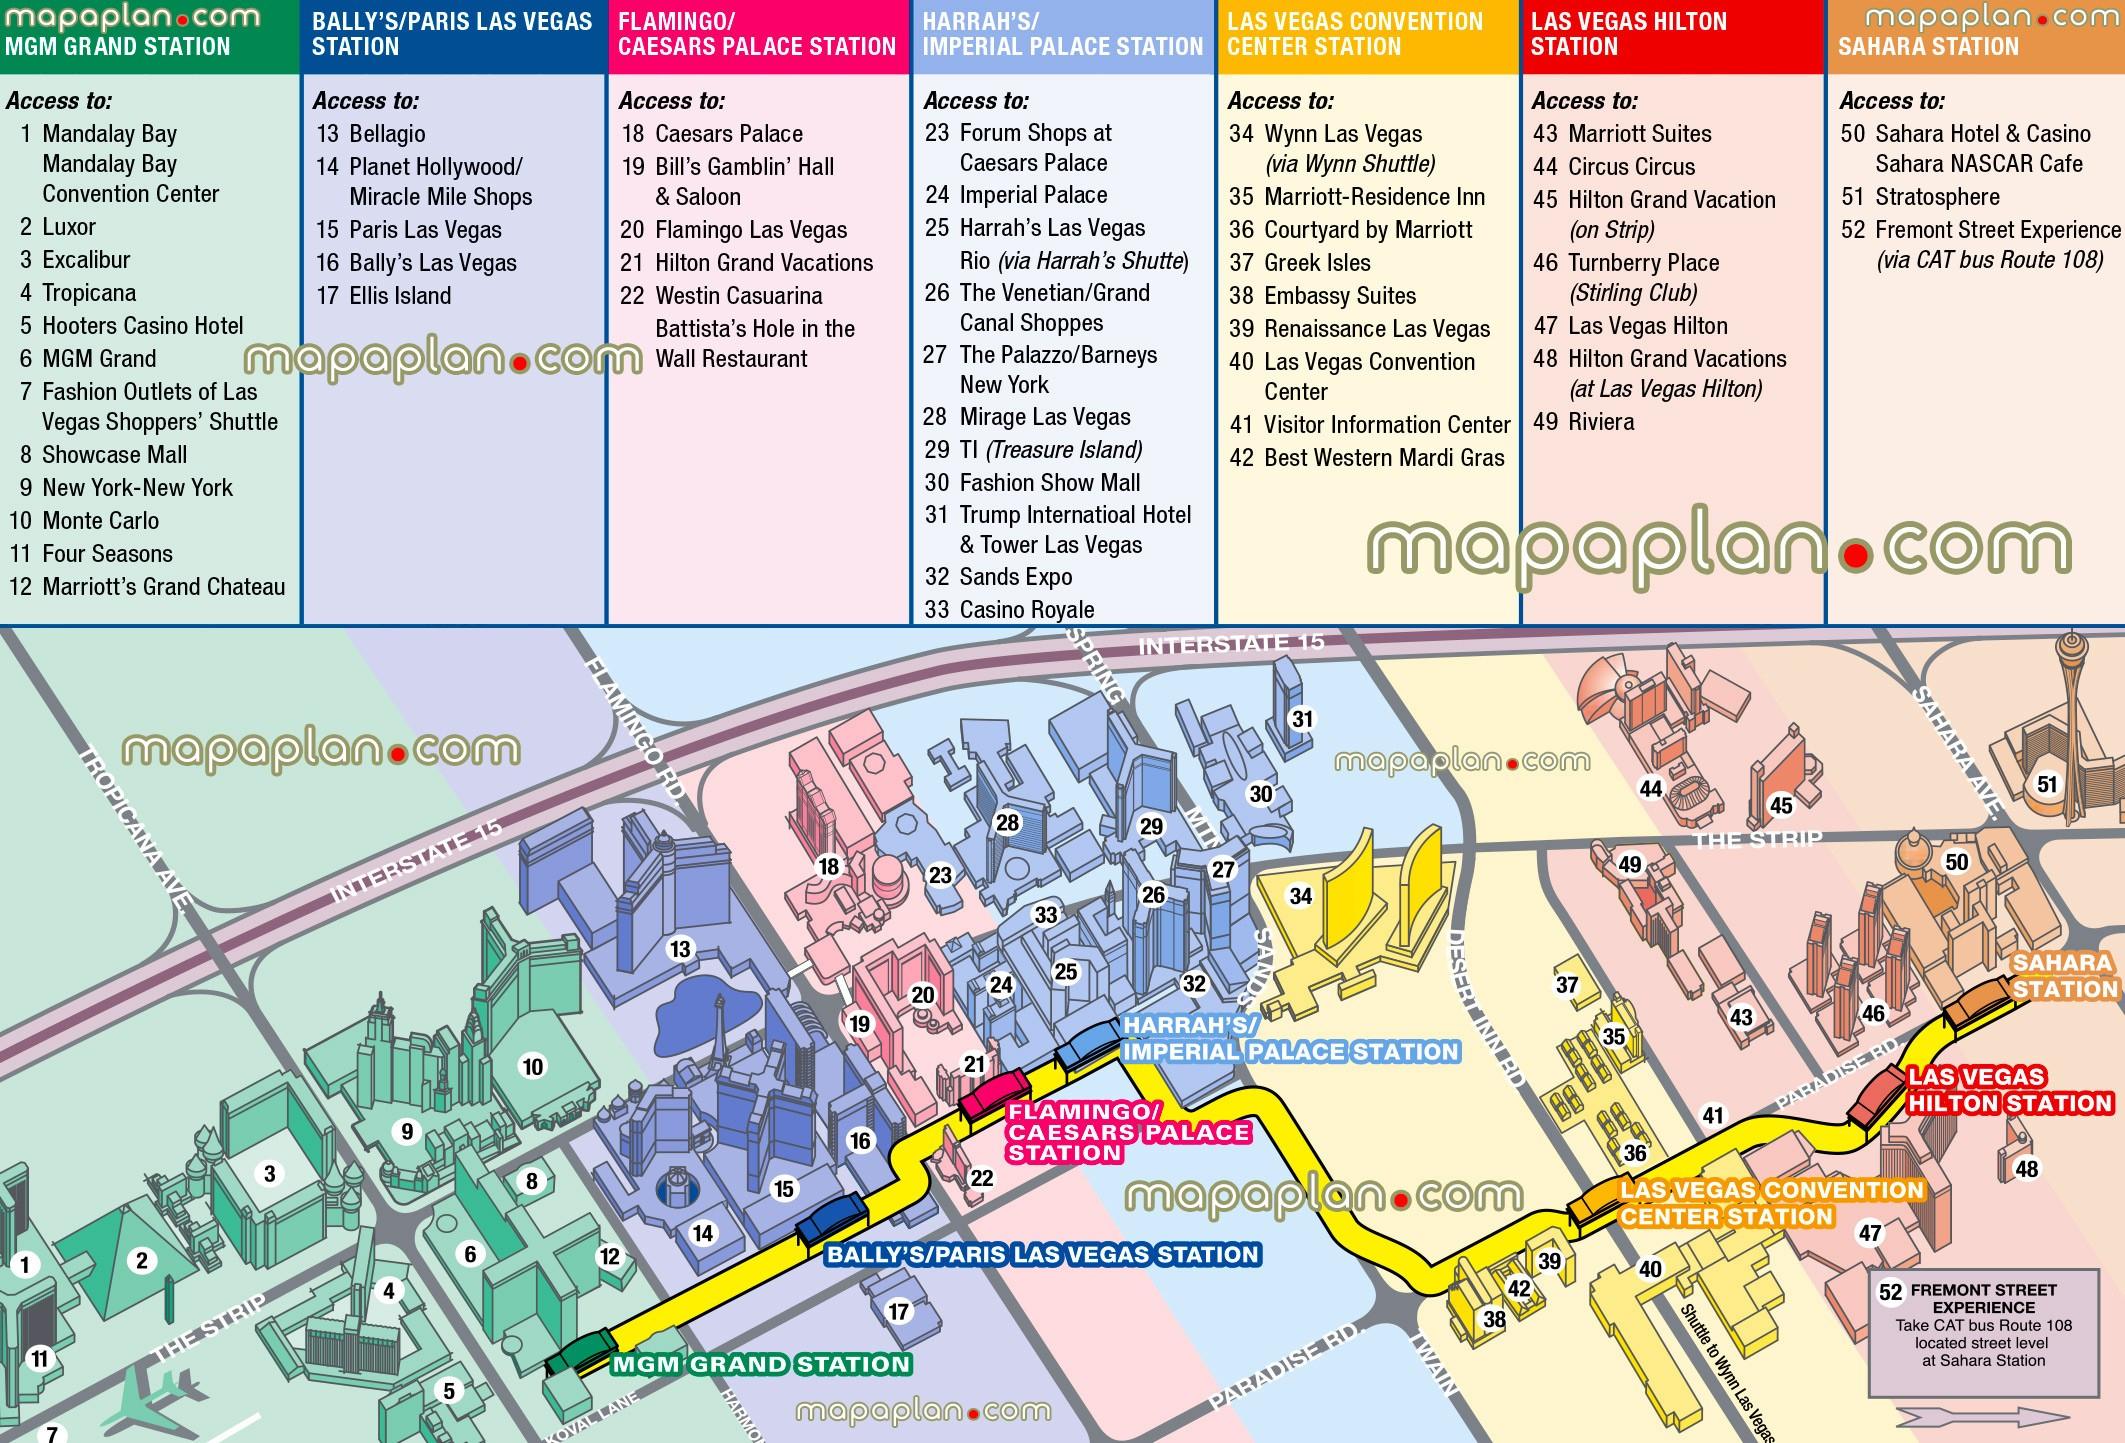 Las Vegas Location On Us Map Las Vegas Street Map Inspirational - Printable Las Vegas Street Maps